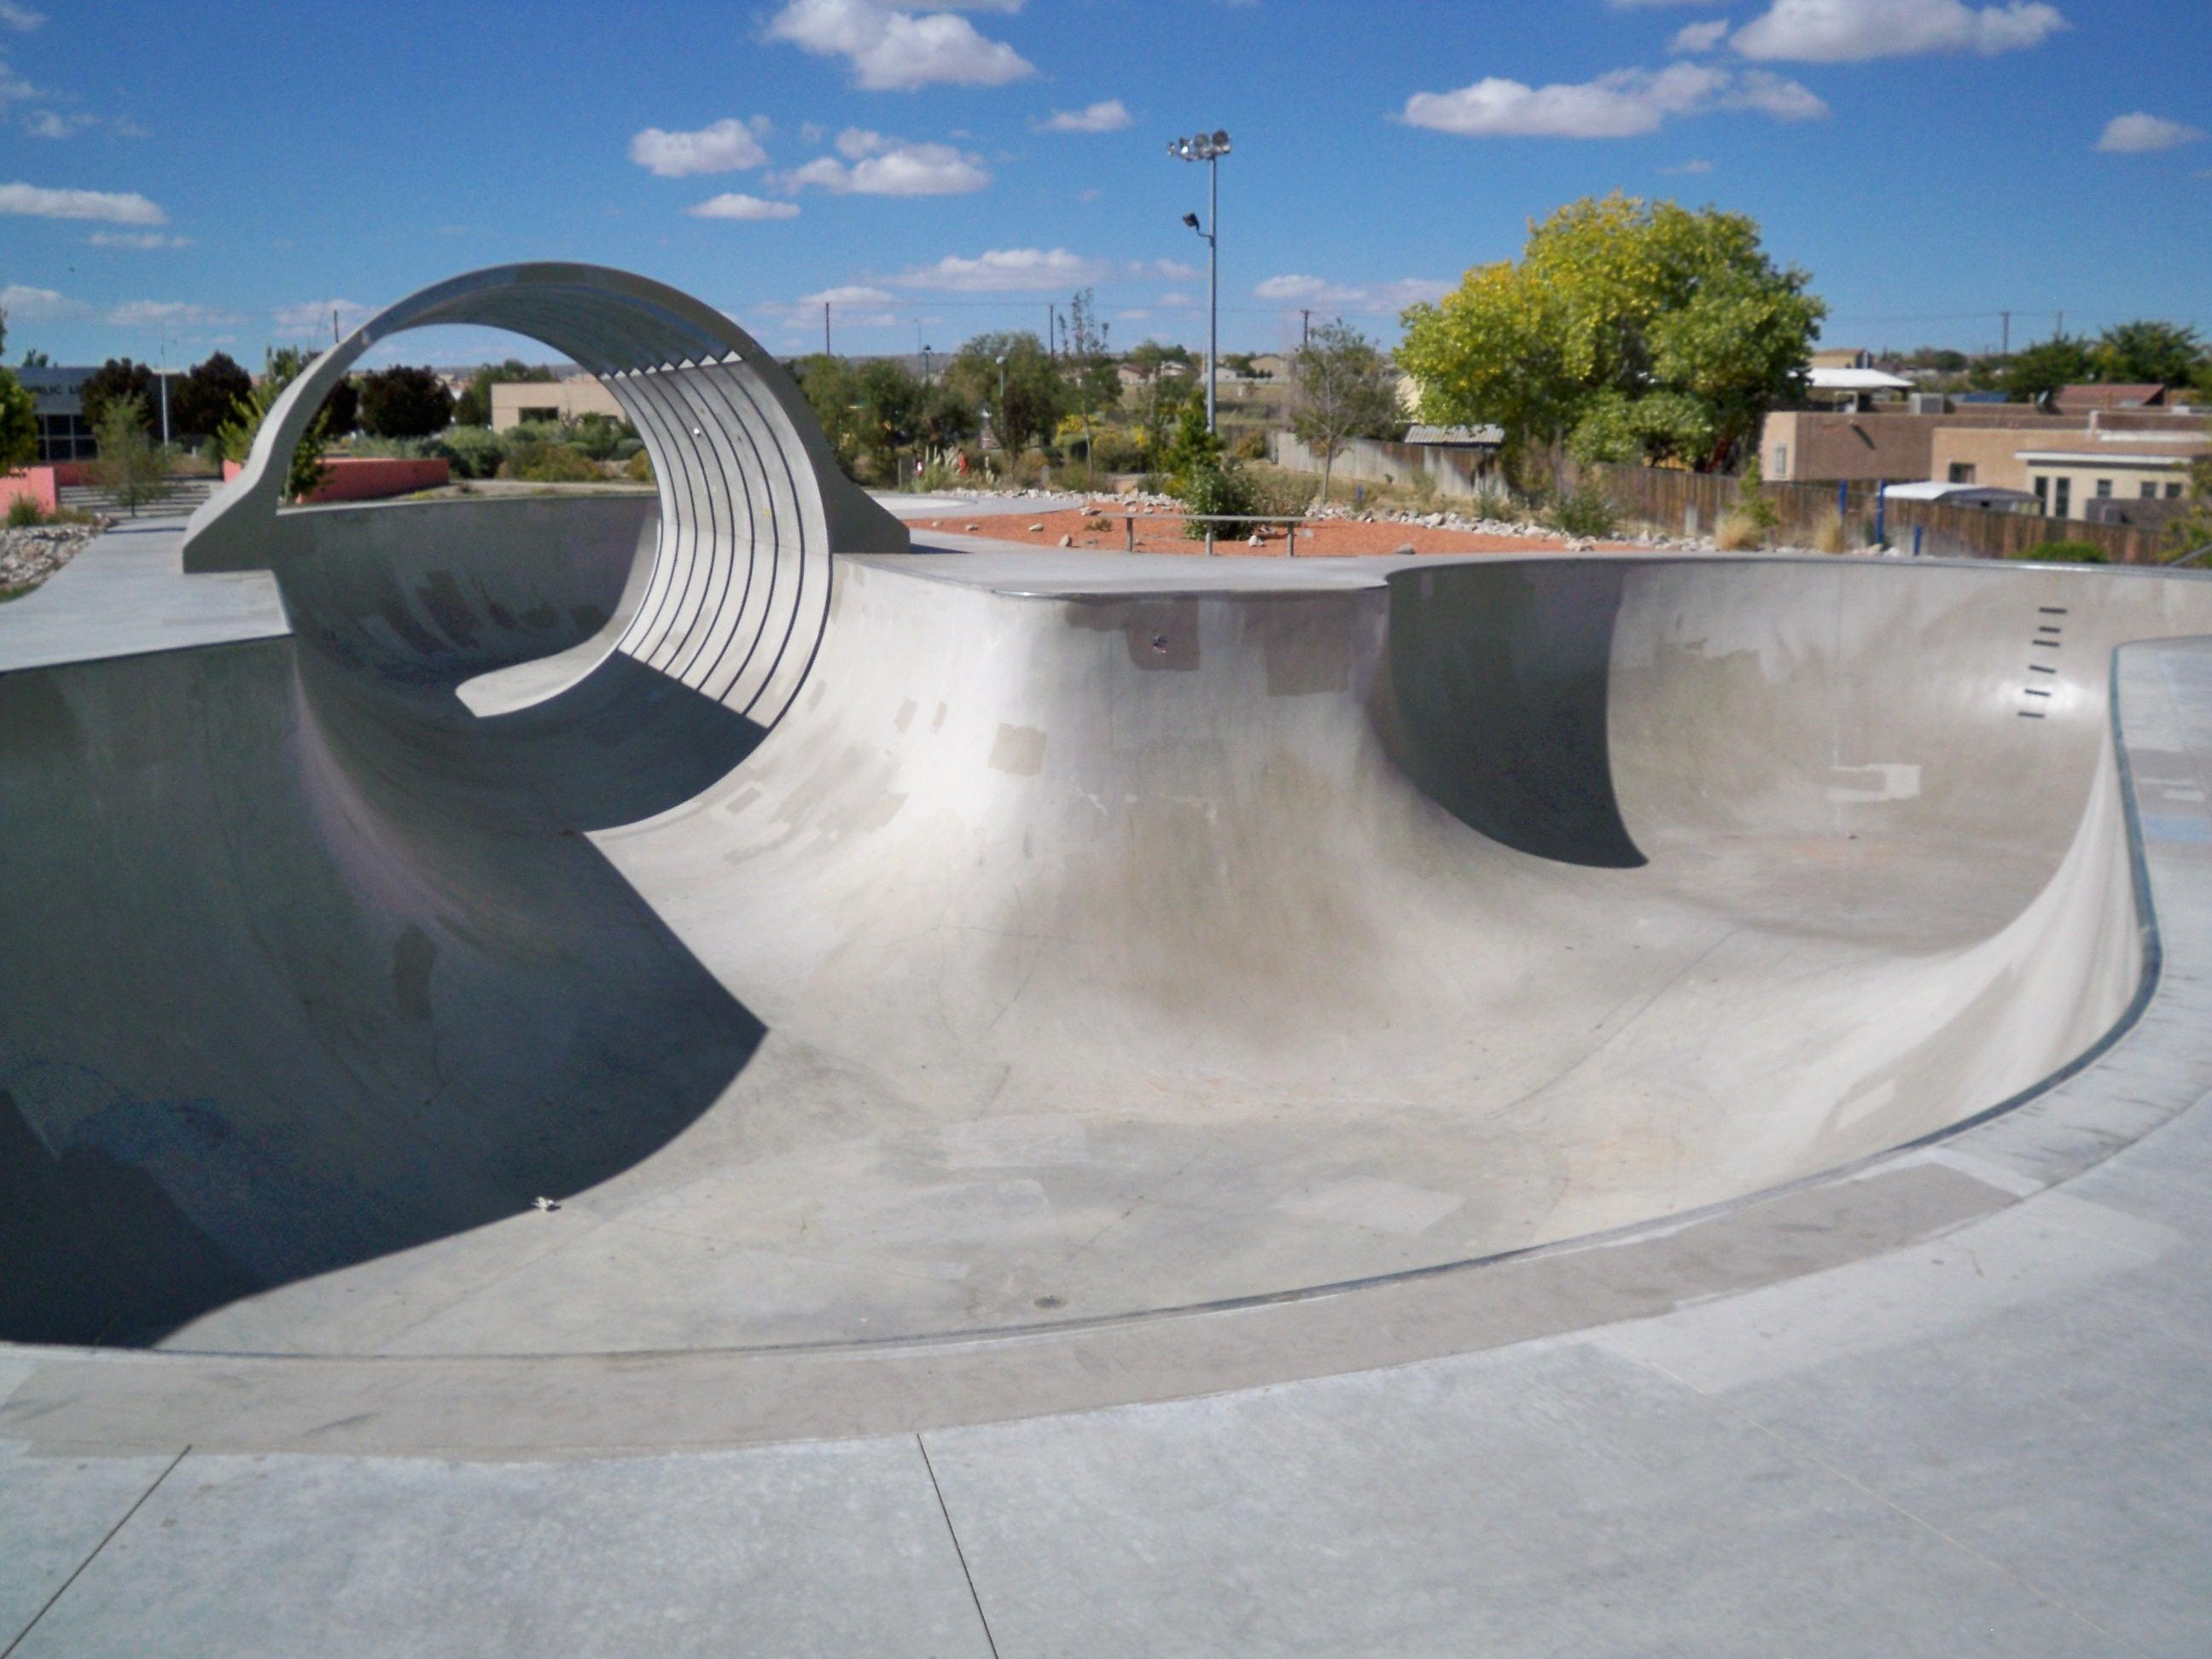 Alamosa Skate Park